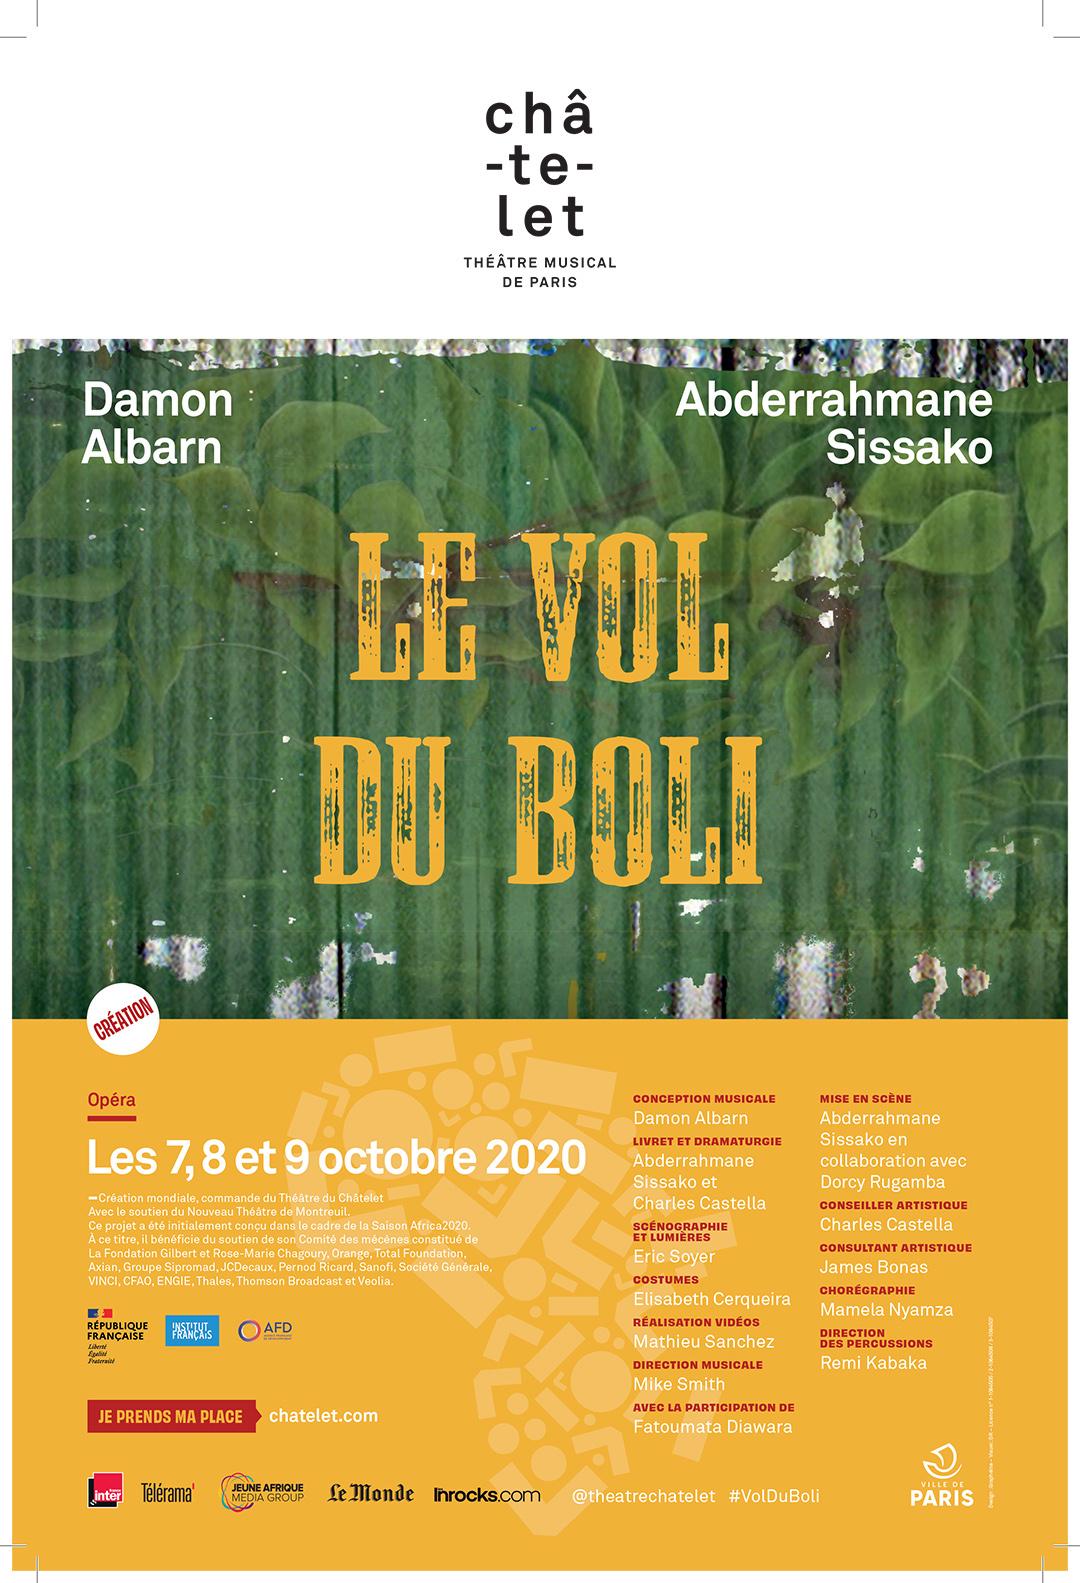 «Le Vol du boli» sera joué les 7, 8 et 9 octobre à 20 heures, au théâtre du Châtelet, à Paris. Une vingtaine de représentations suivront pour la saison 2021-2022.